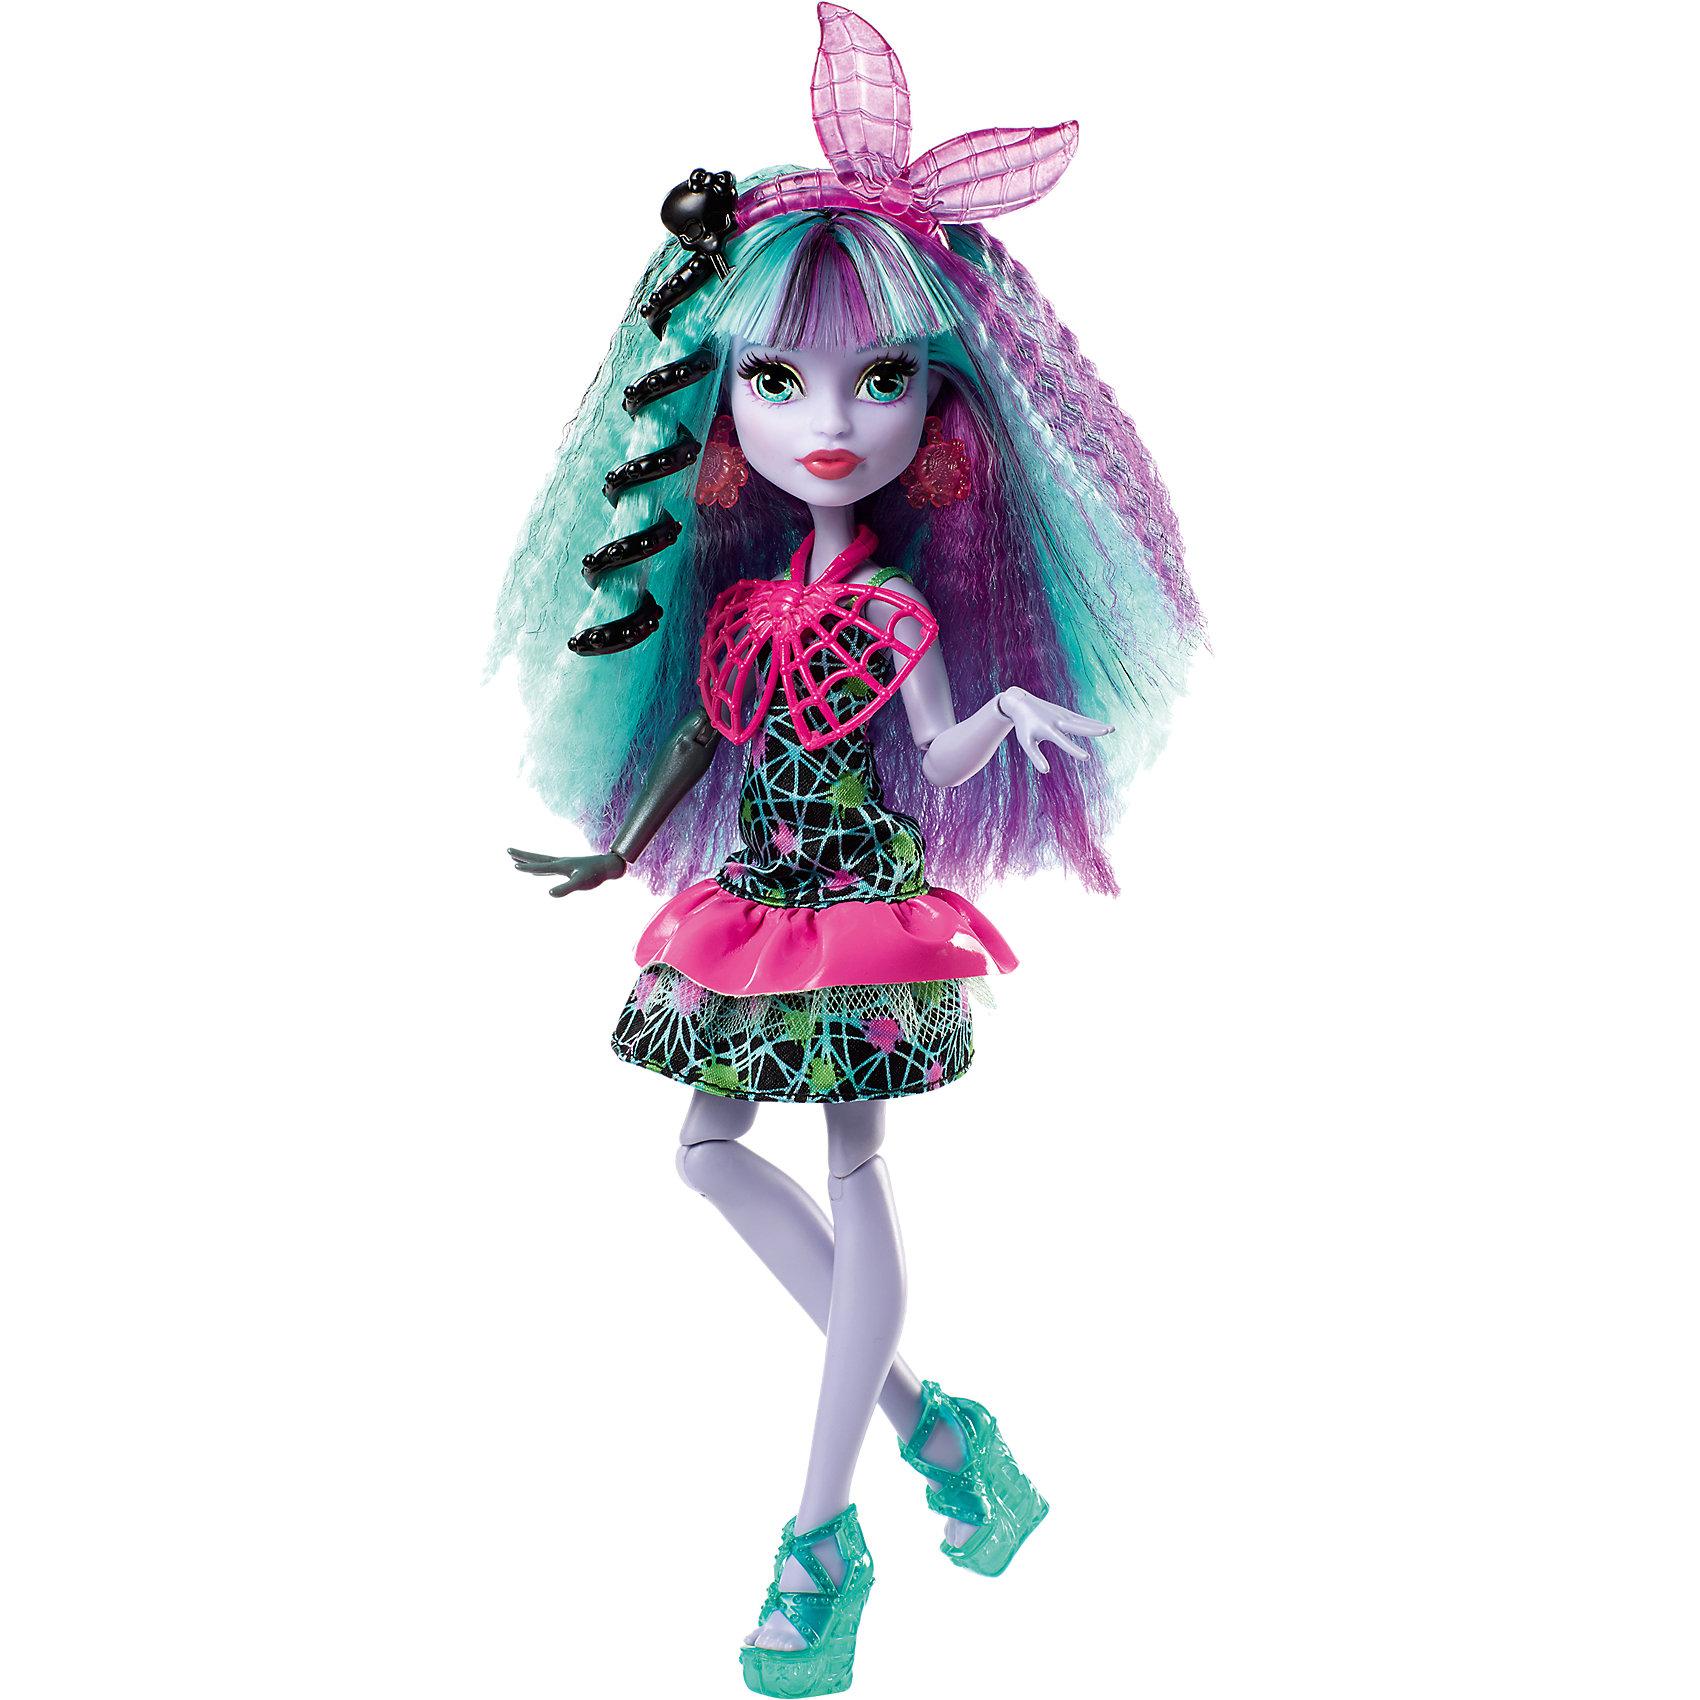 Монстряшка Твила из серии Под напряжением, Monster HighMonster High<br>Характеристики товара:<br><br>• комплектация: кукла, аксессуары<br>• материал: пластик, текстиль<br>• серия: Под напряжением<br>• руки, ноги гнутся<br>• высота куклы: 28 см<br>• возраст: от трех лет<br>• размер упаковки: 20.3x32.4x6.4 см<br>• вес: 0,3 кг<br>• страна бренда: США<br><br>Такая современная кукла порадует маленьких любительниц мультфильмов про мир Monster High. Костюм героини мультфильма дополняет обувь и аксессуары. Руки и ноги гнутся! Кукла Твила из серии Под напряжением, Monster High, станет великолепным подарком для девочек.<br><br>Таки куклы помогают девочкам отработать сценарии поведения в обществе, развить воображение и мелкую моторику. Кукла от бренда Mattel не перестает быть популярной! <br><br>Куклу Монстряшка Твила из серии Под напряжением, Monster High от компании Mattel можно купить в нашем интернет-магазине.<br><br>Ширина мм: 329<br>Глубина мм: 205<br>Высота мм: 66<br>Вес г: 235<br>Возраст от месяцев: 72<br>Возраст до месяцев: 120<br>Пол: Женский<br>Возраст: Детский<br>SKU: 5089103